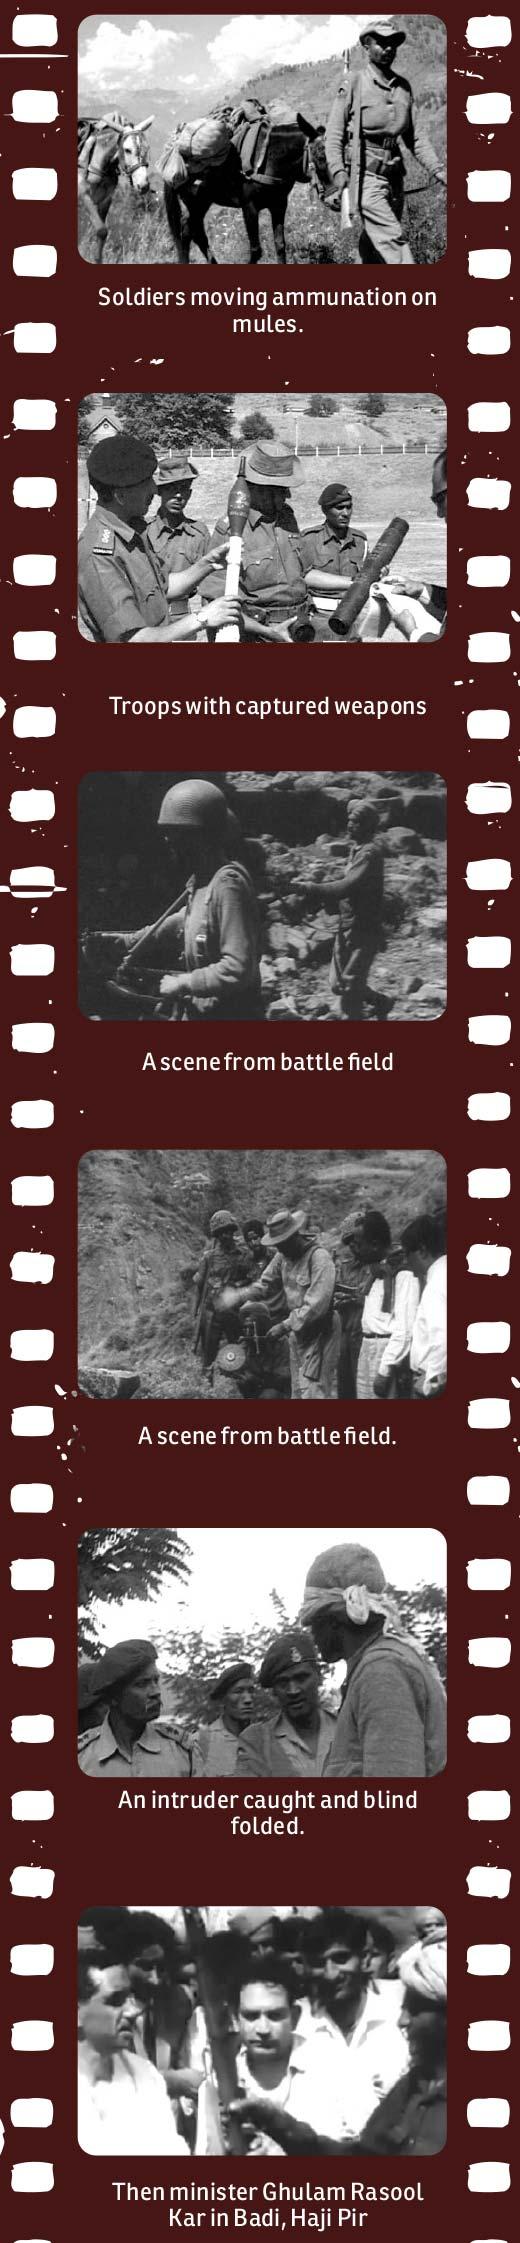 Film-reel-related-to-1965-war-op